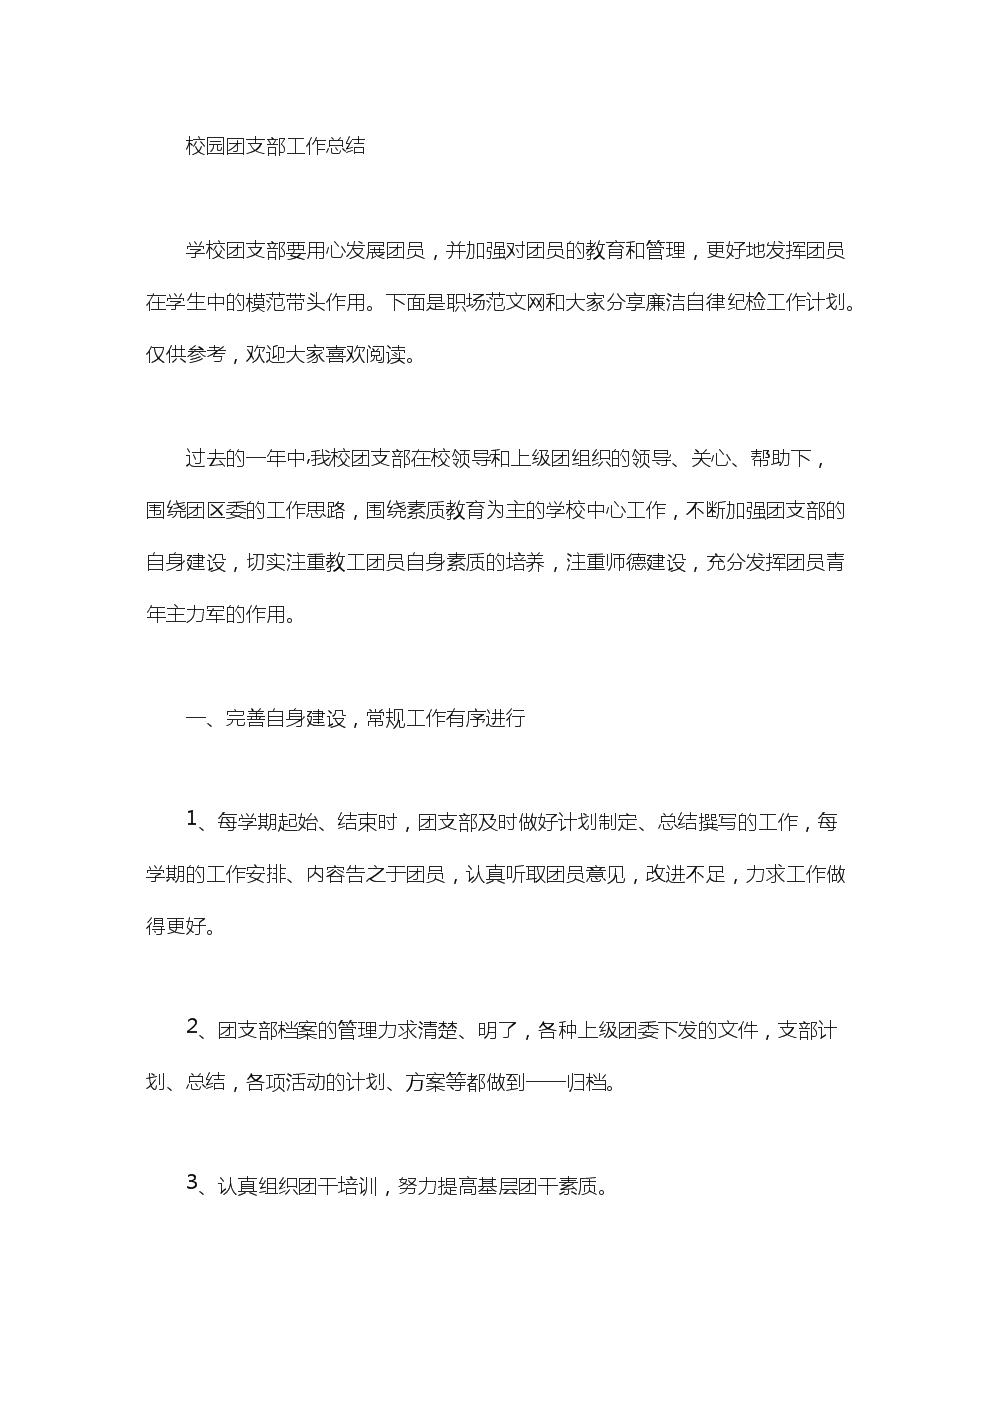 2020年校园团支部工作总结.doc